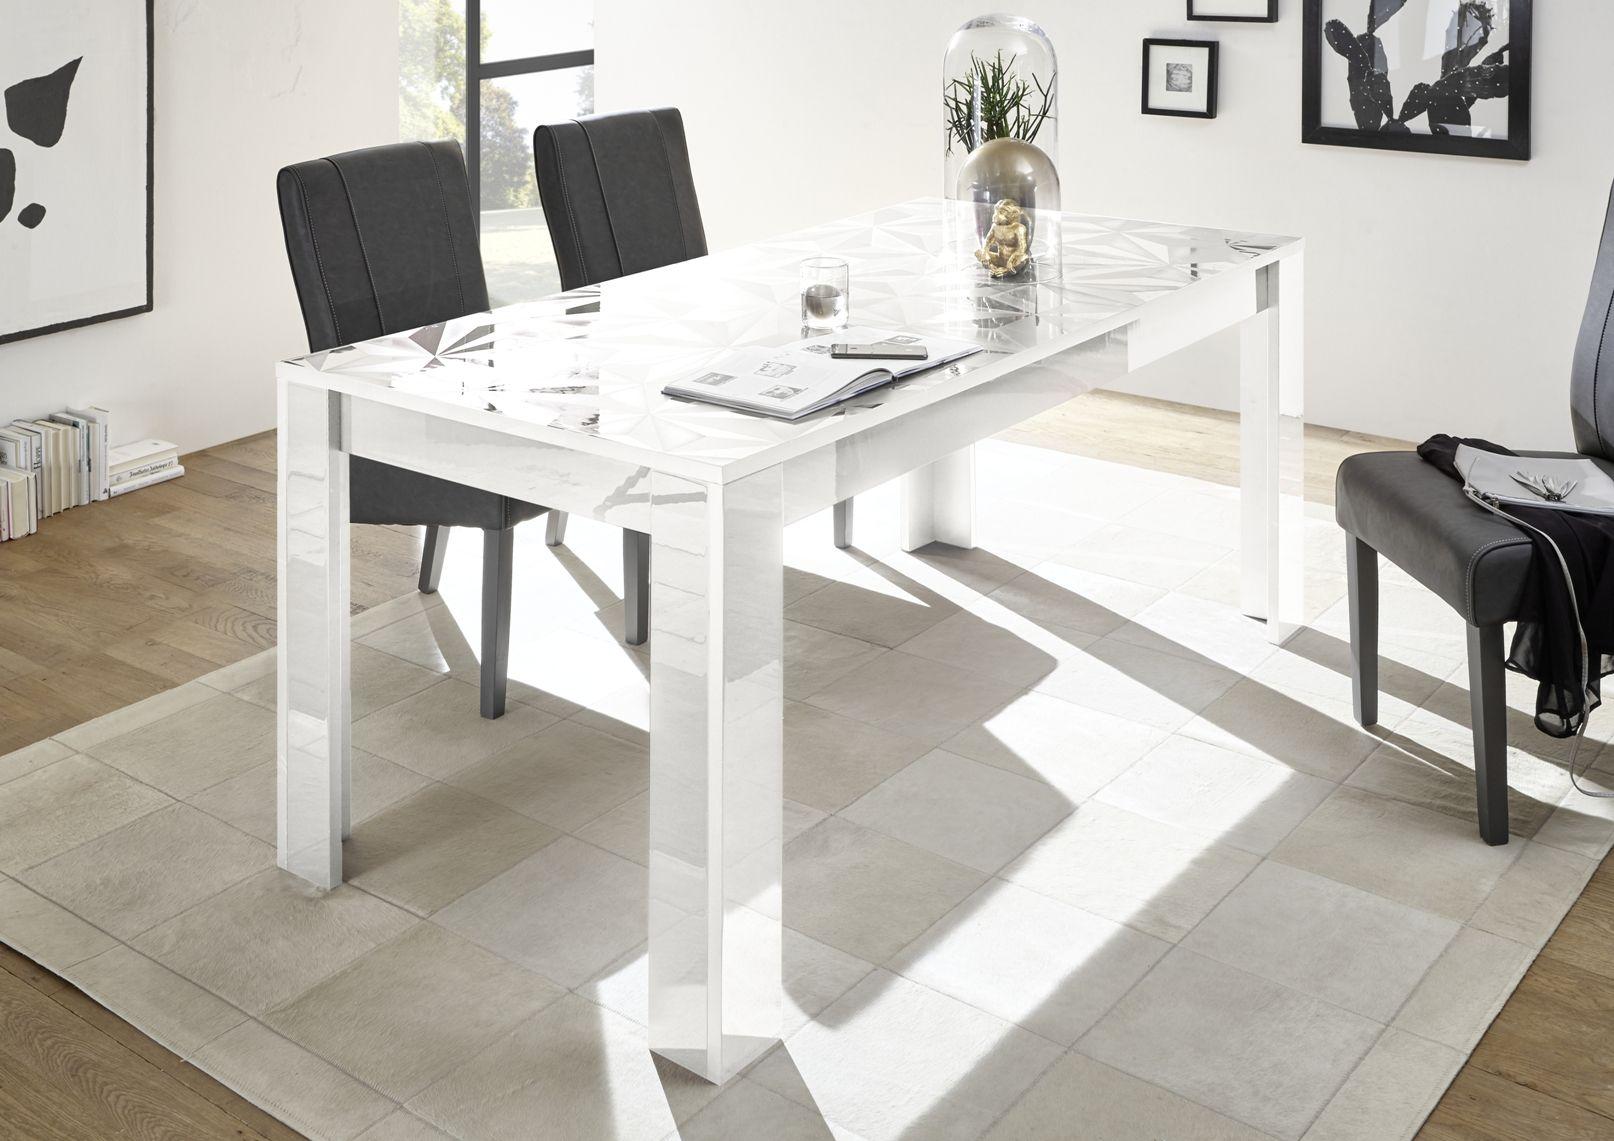 Tavolo Quadrato Allungabile Bianco.Prismo 180 Tavolo Tavoli Da Pranzo Tavolo Da Pranzo Moderno